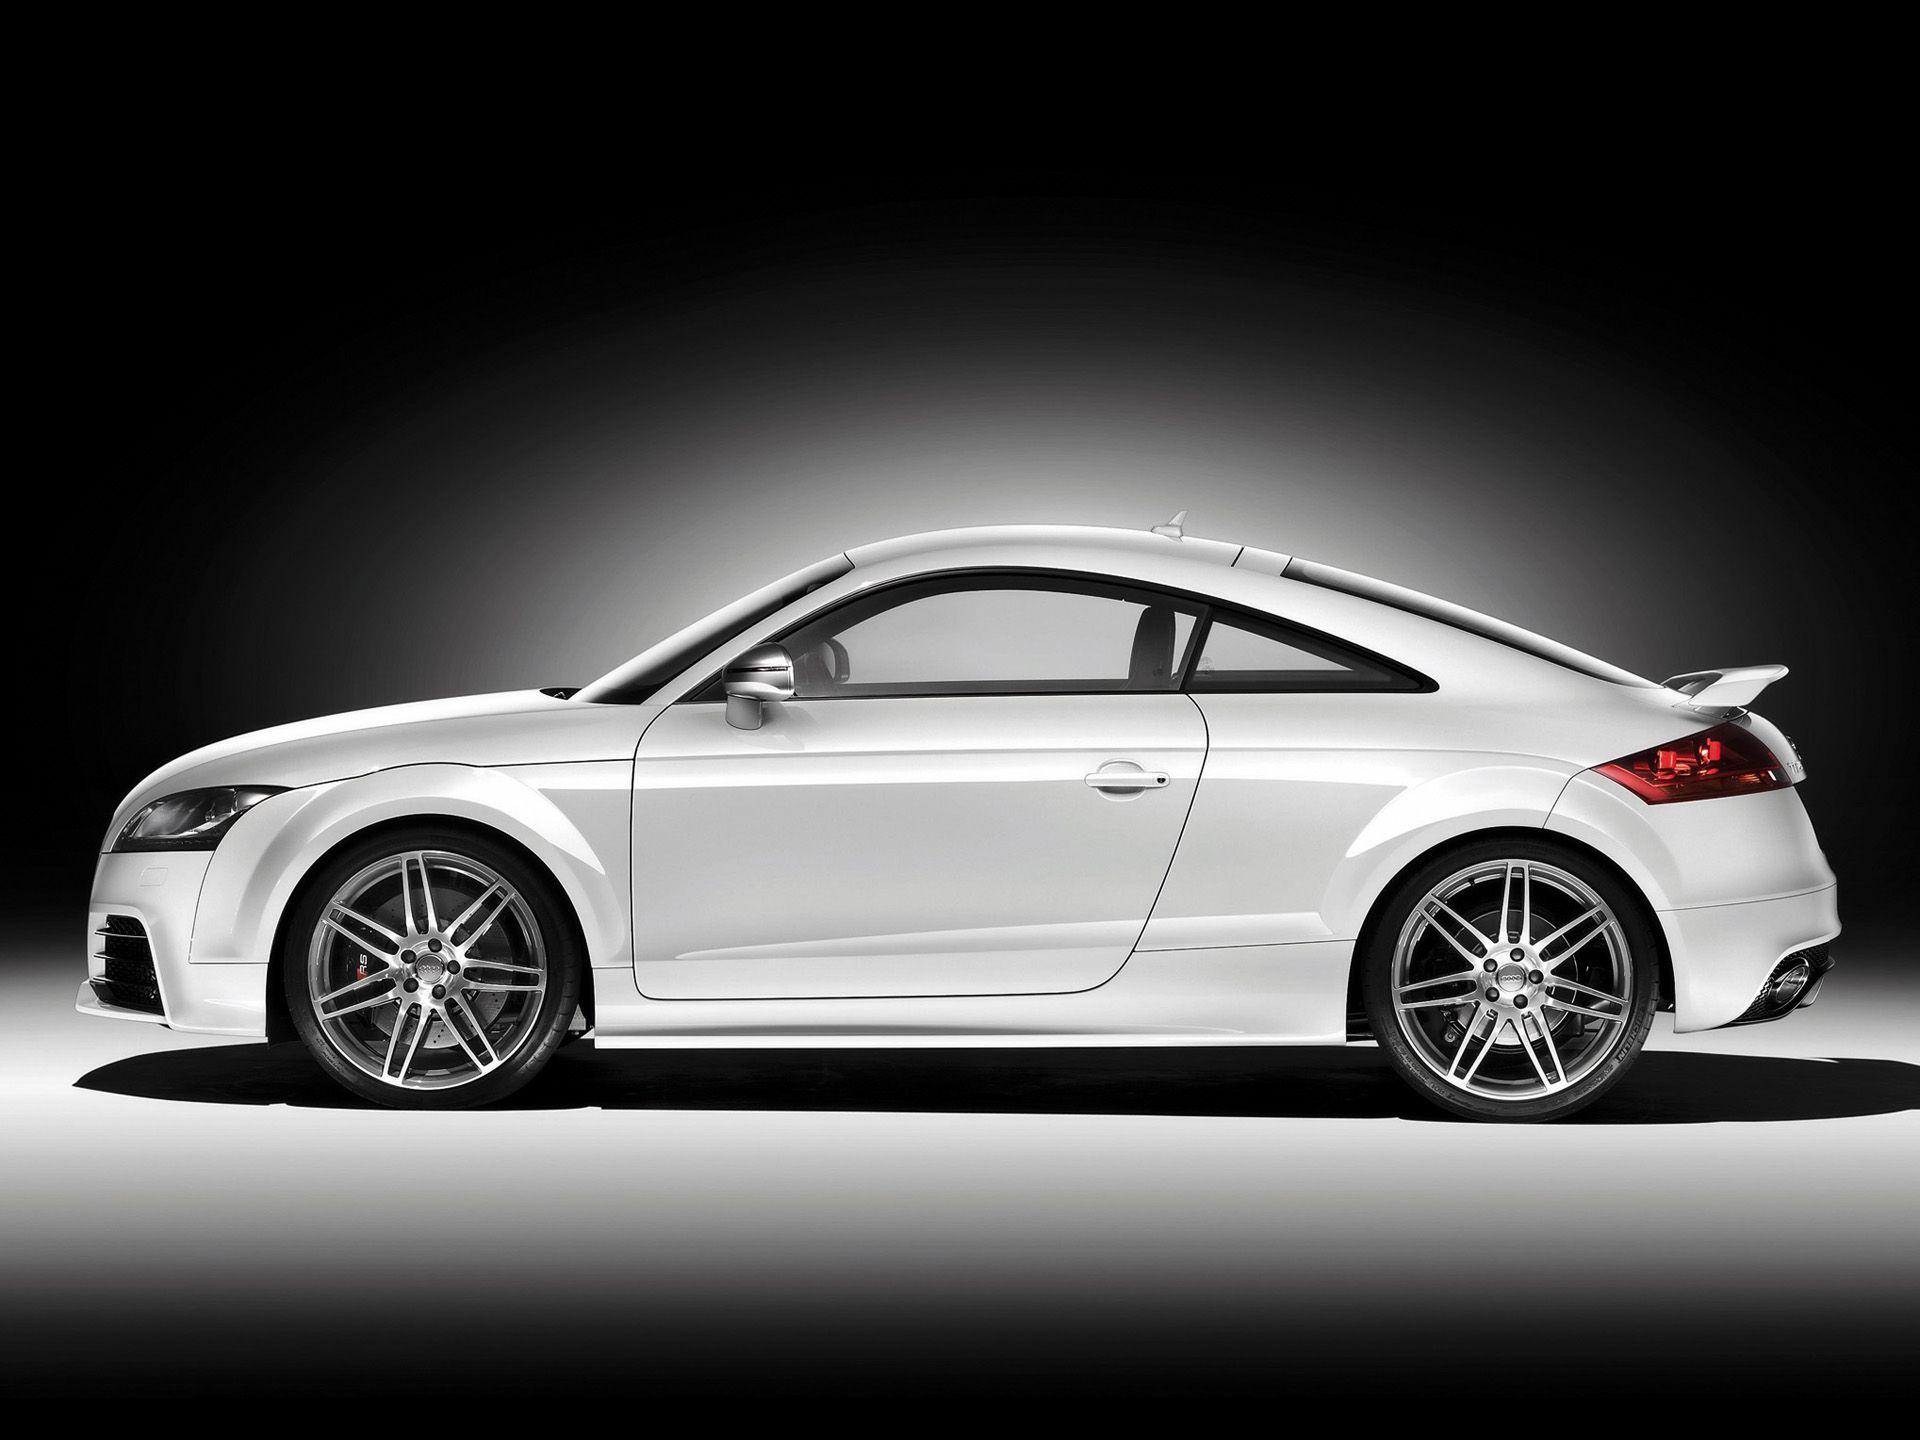 Audi Tt Rs White Gallery Moibibiki 1 Audi Tt Rs Audi Tt Audi